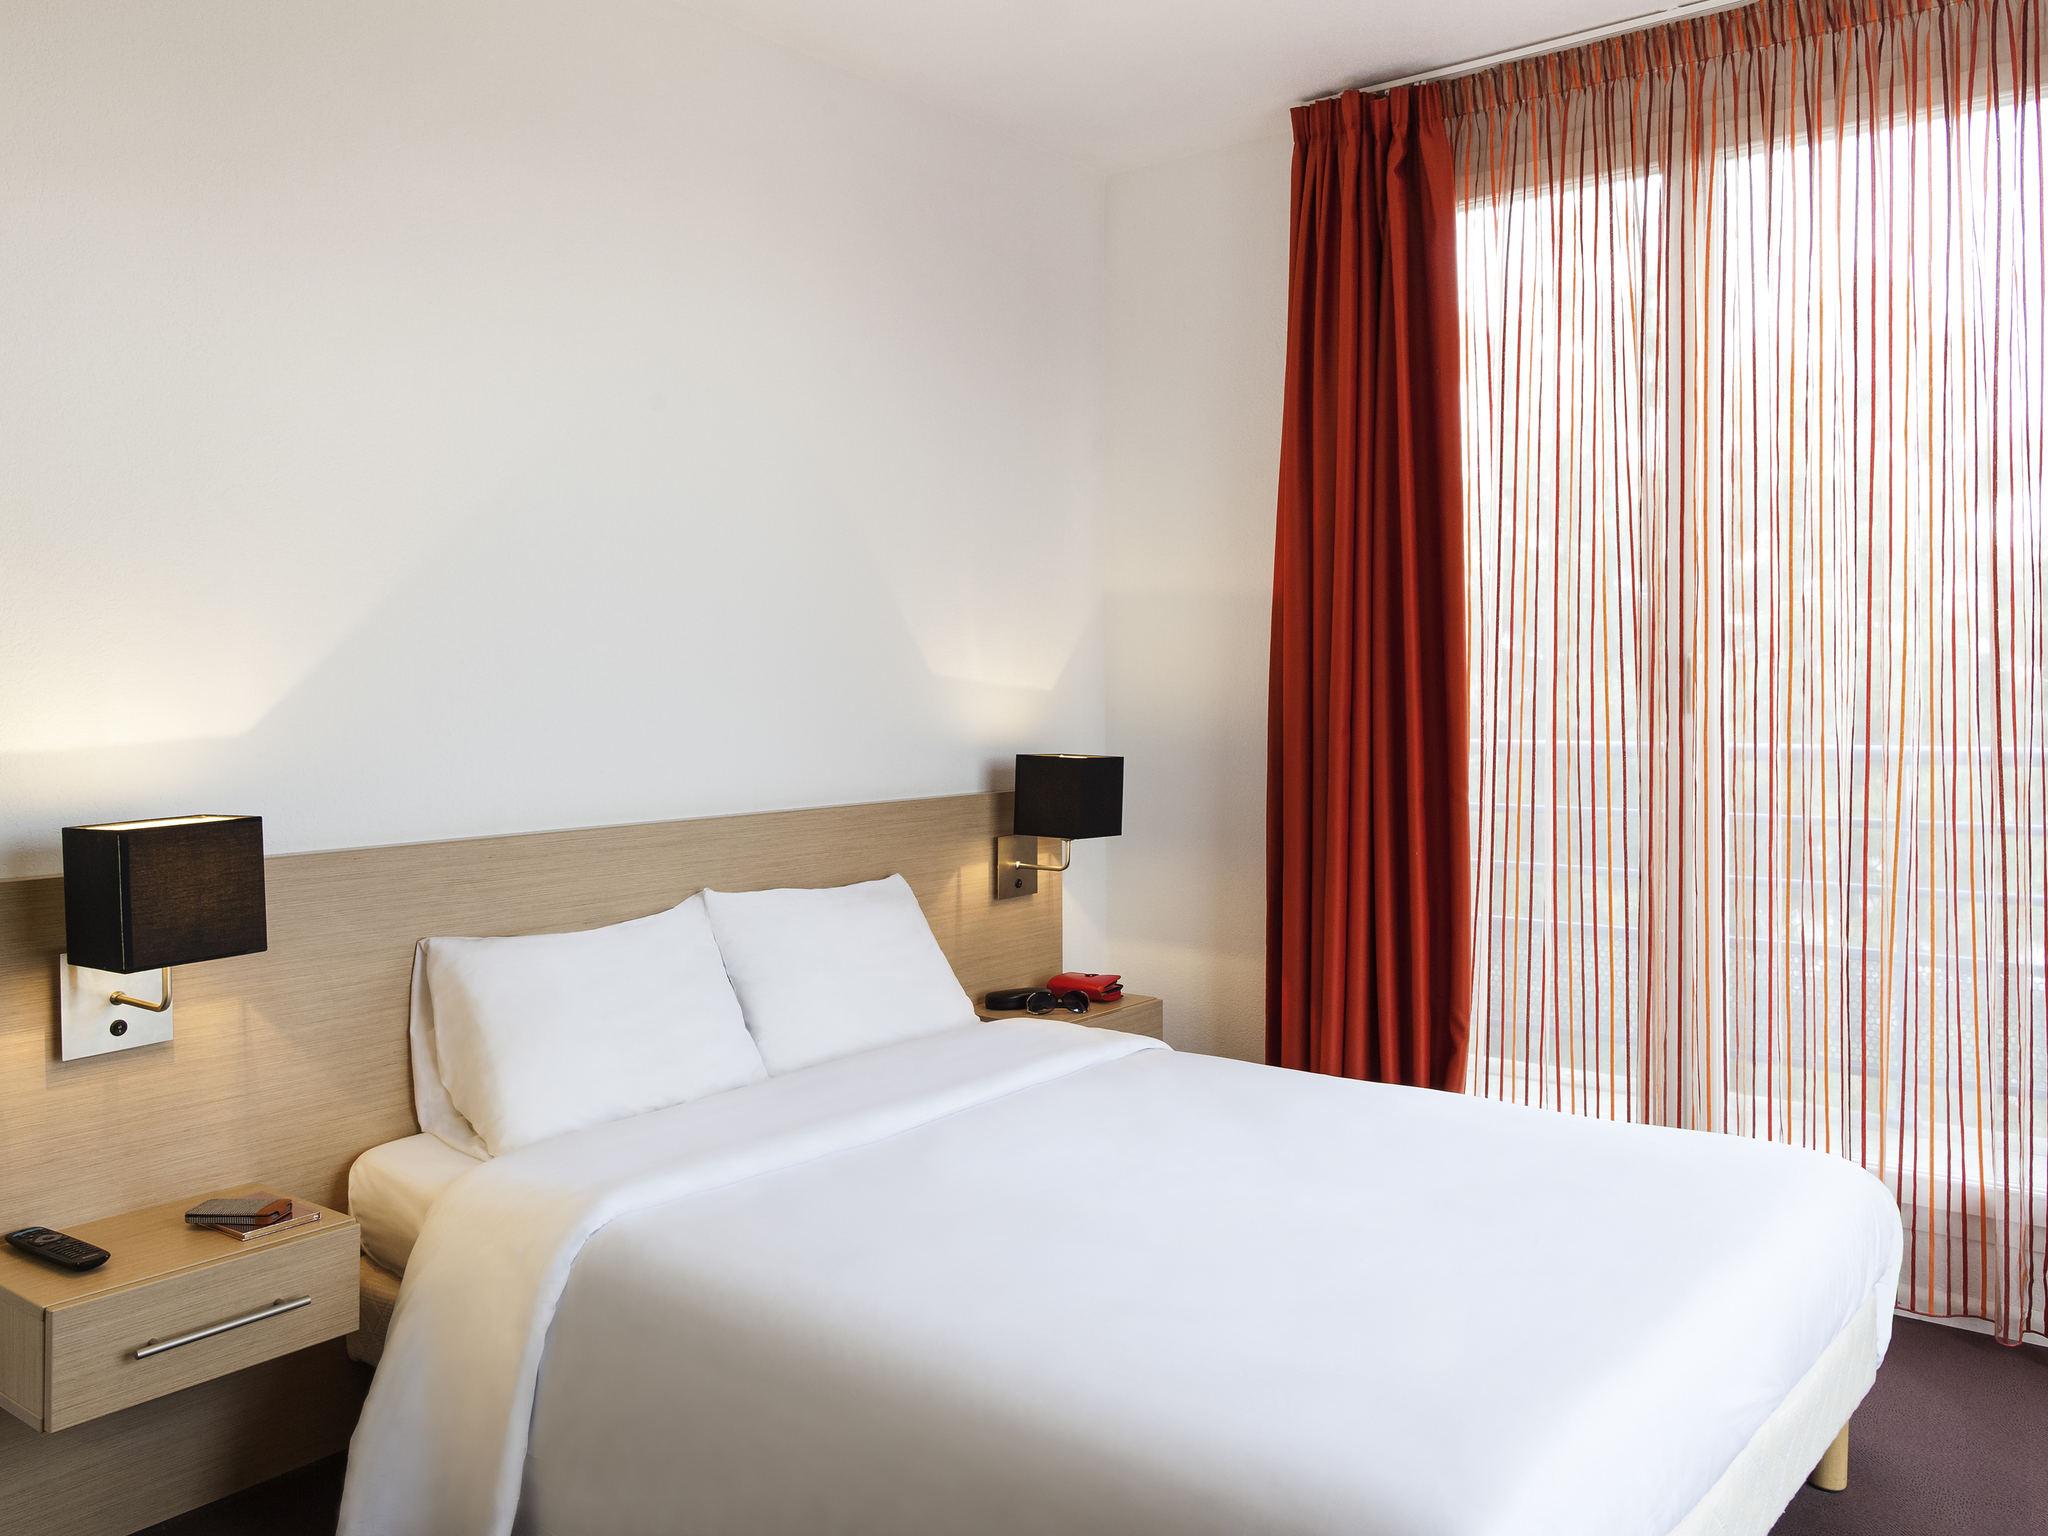 โรงแรม – Aparthotel Adagio access Saint-Louis Bâle